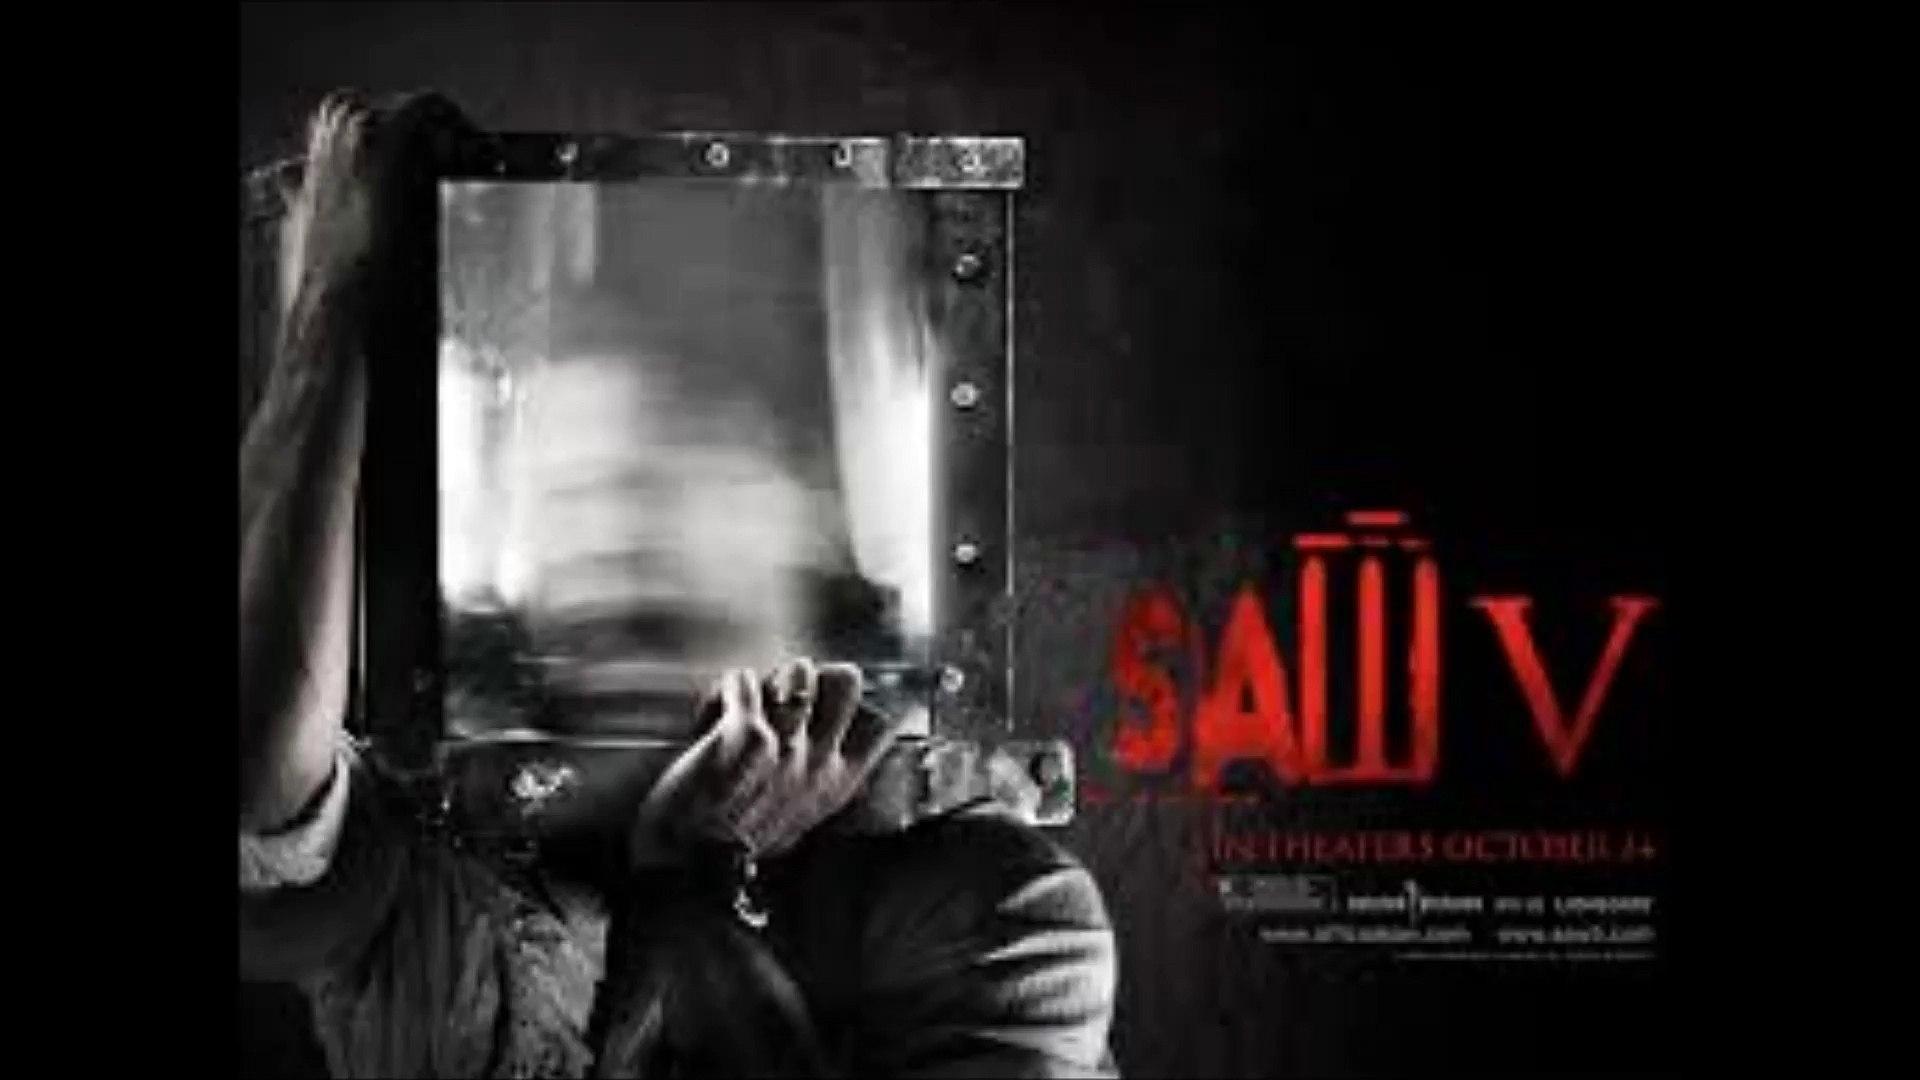 Saw V (2008) full movie